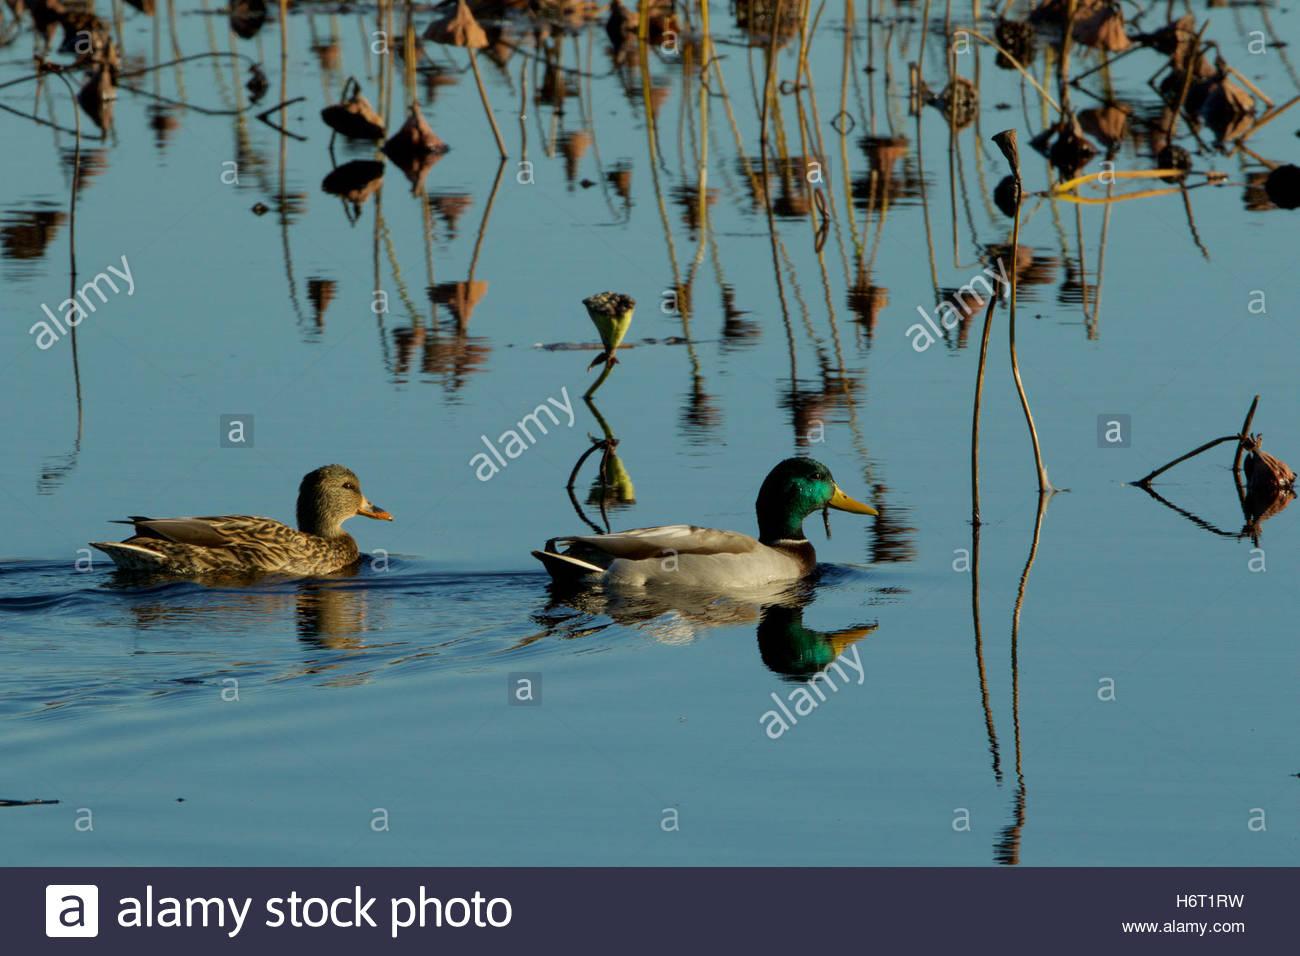 Les canards colverts, un mâle et femelle, nager sur l'eau. Photo Stock